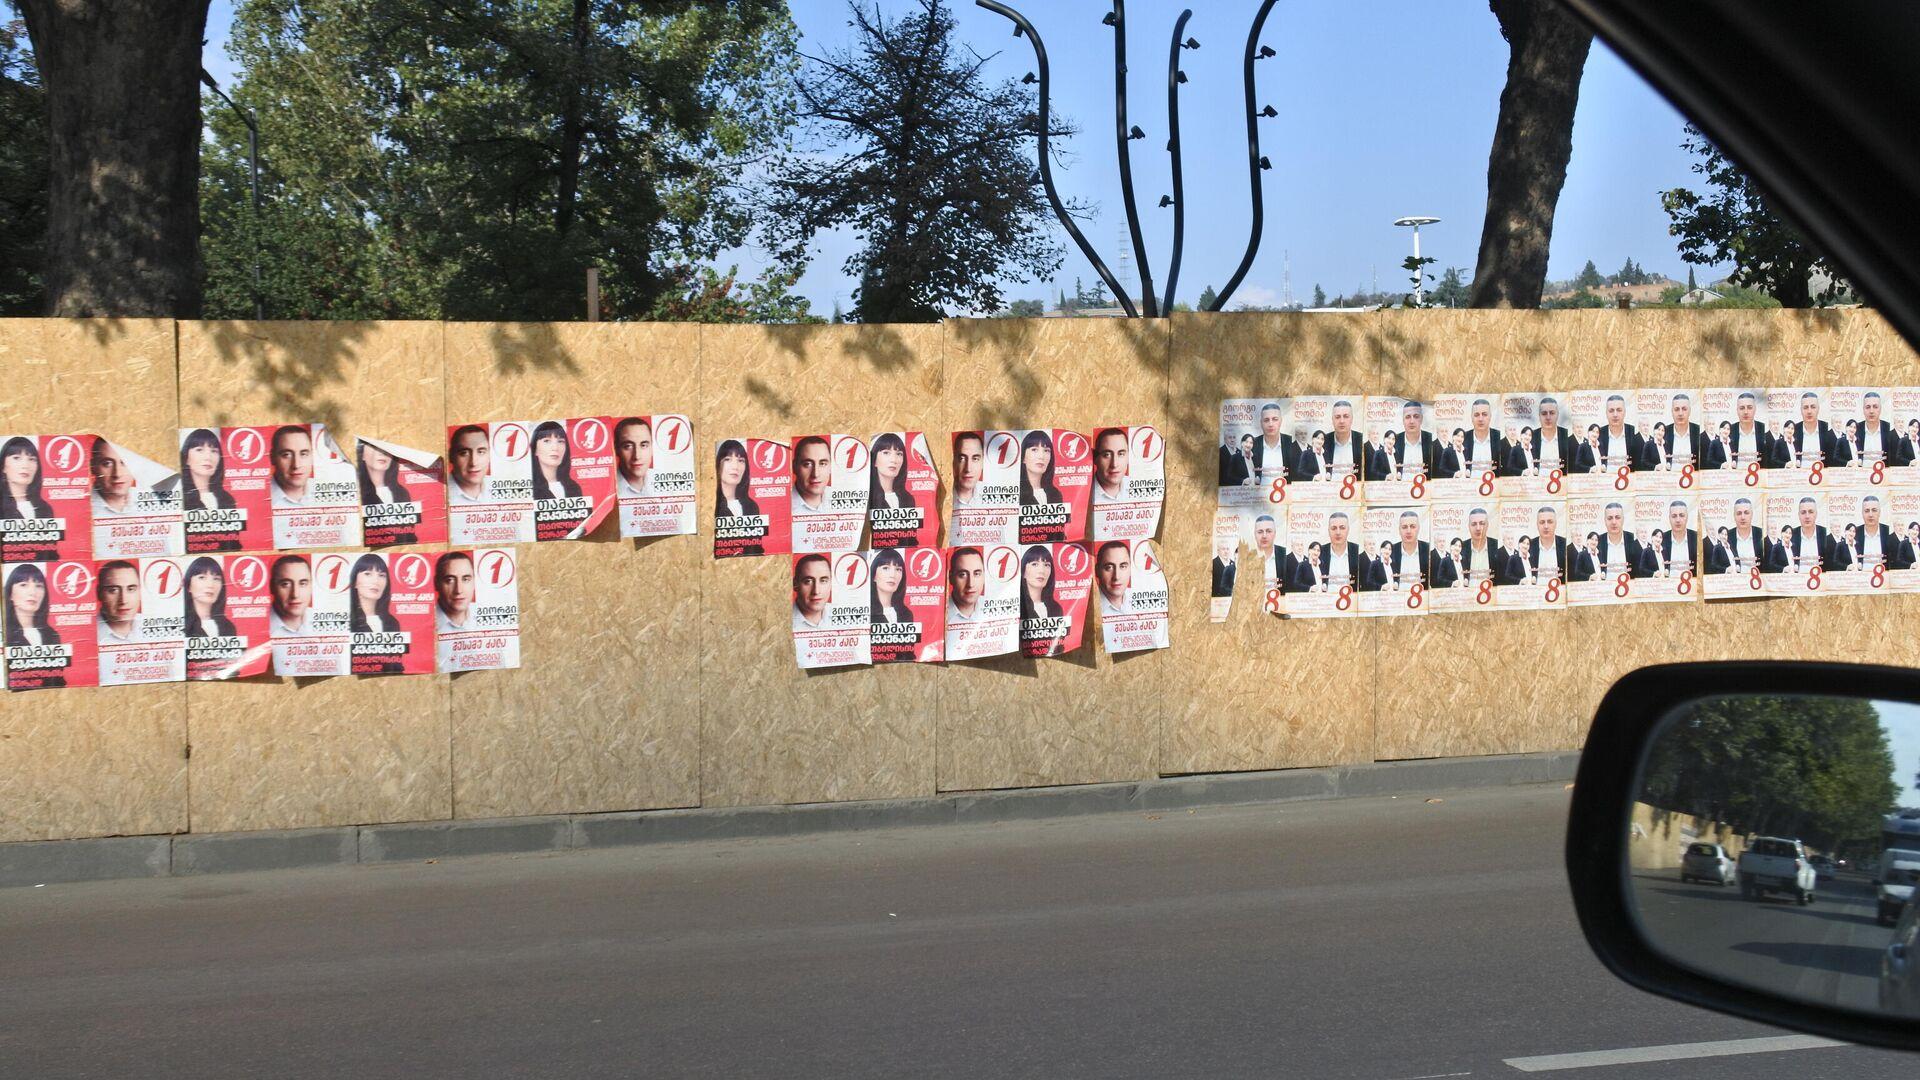 Предвыборные плакаты и баннеры на тбилисских улицах - реклама кандидатов - Sputnik Грузия, 1920, 20.09.2021